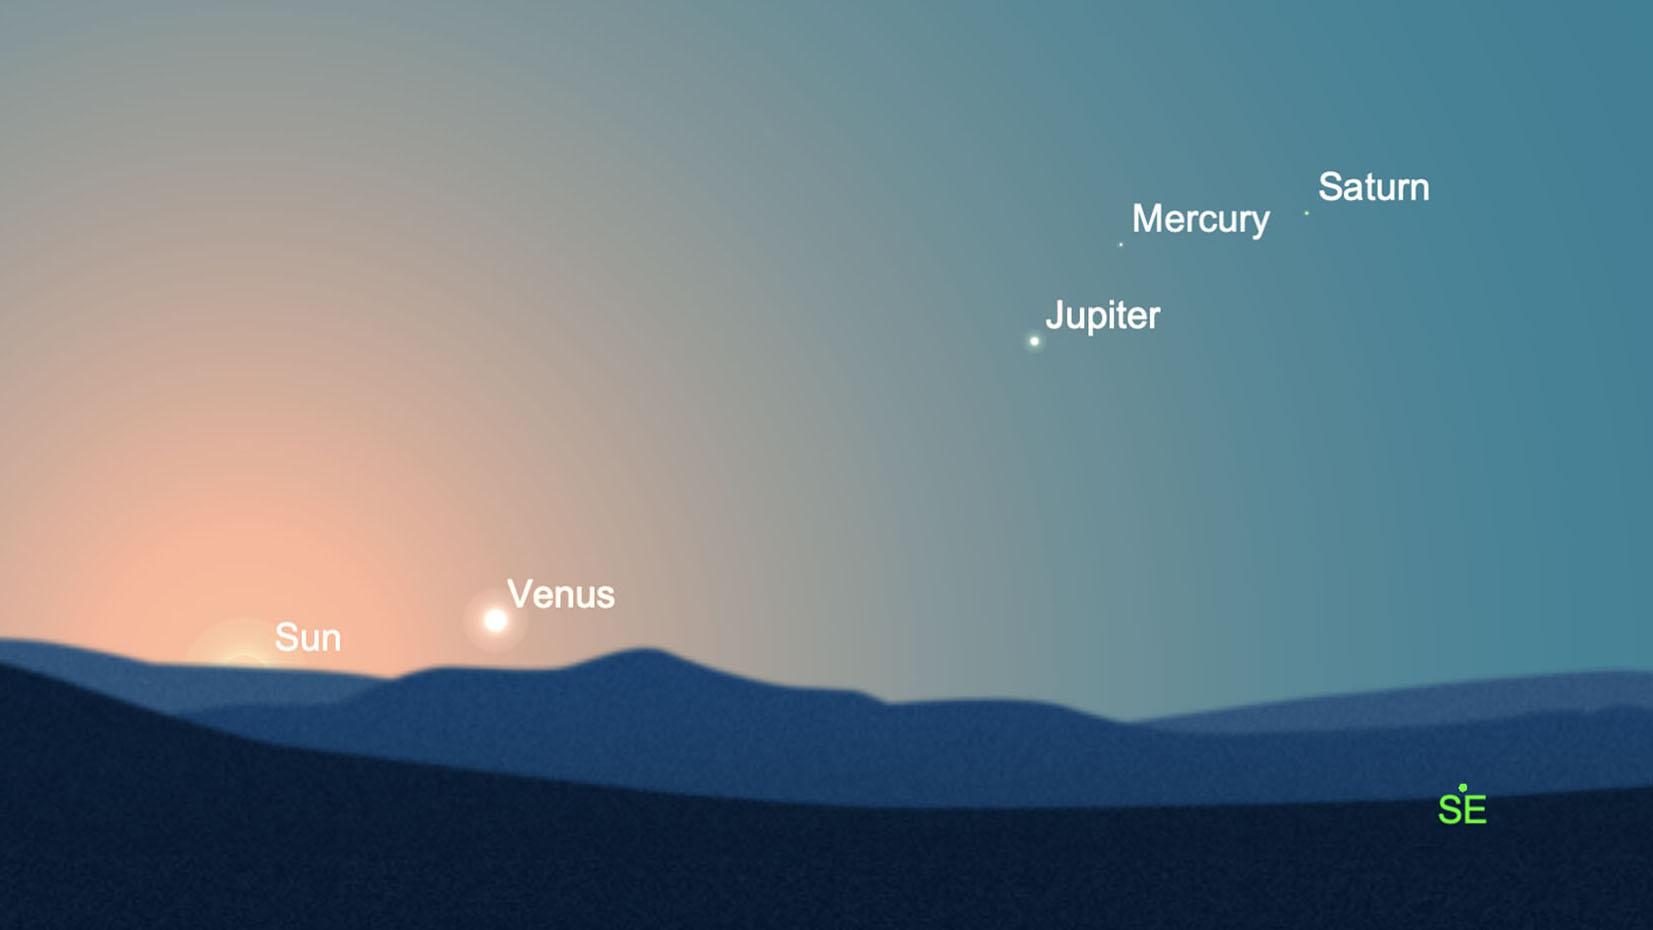 Alors que Vénus est peut-être trop proche du soleil pour observer en toute sécurité, les lève-tôt peuvent apercevoir Jupiter et Saturne près de la planète insaisissable Mercure dans le ciel d'avant l'aube le samedi 27 février.